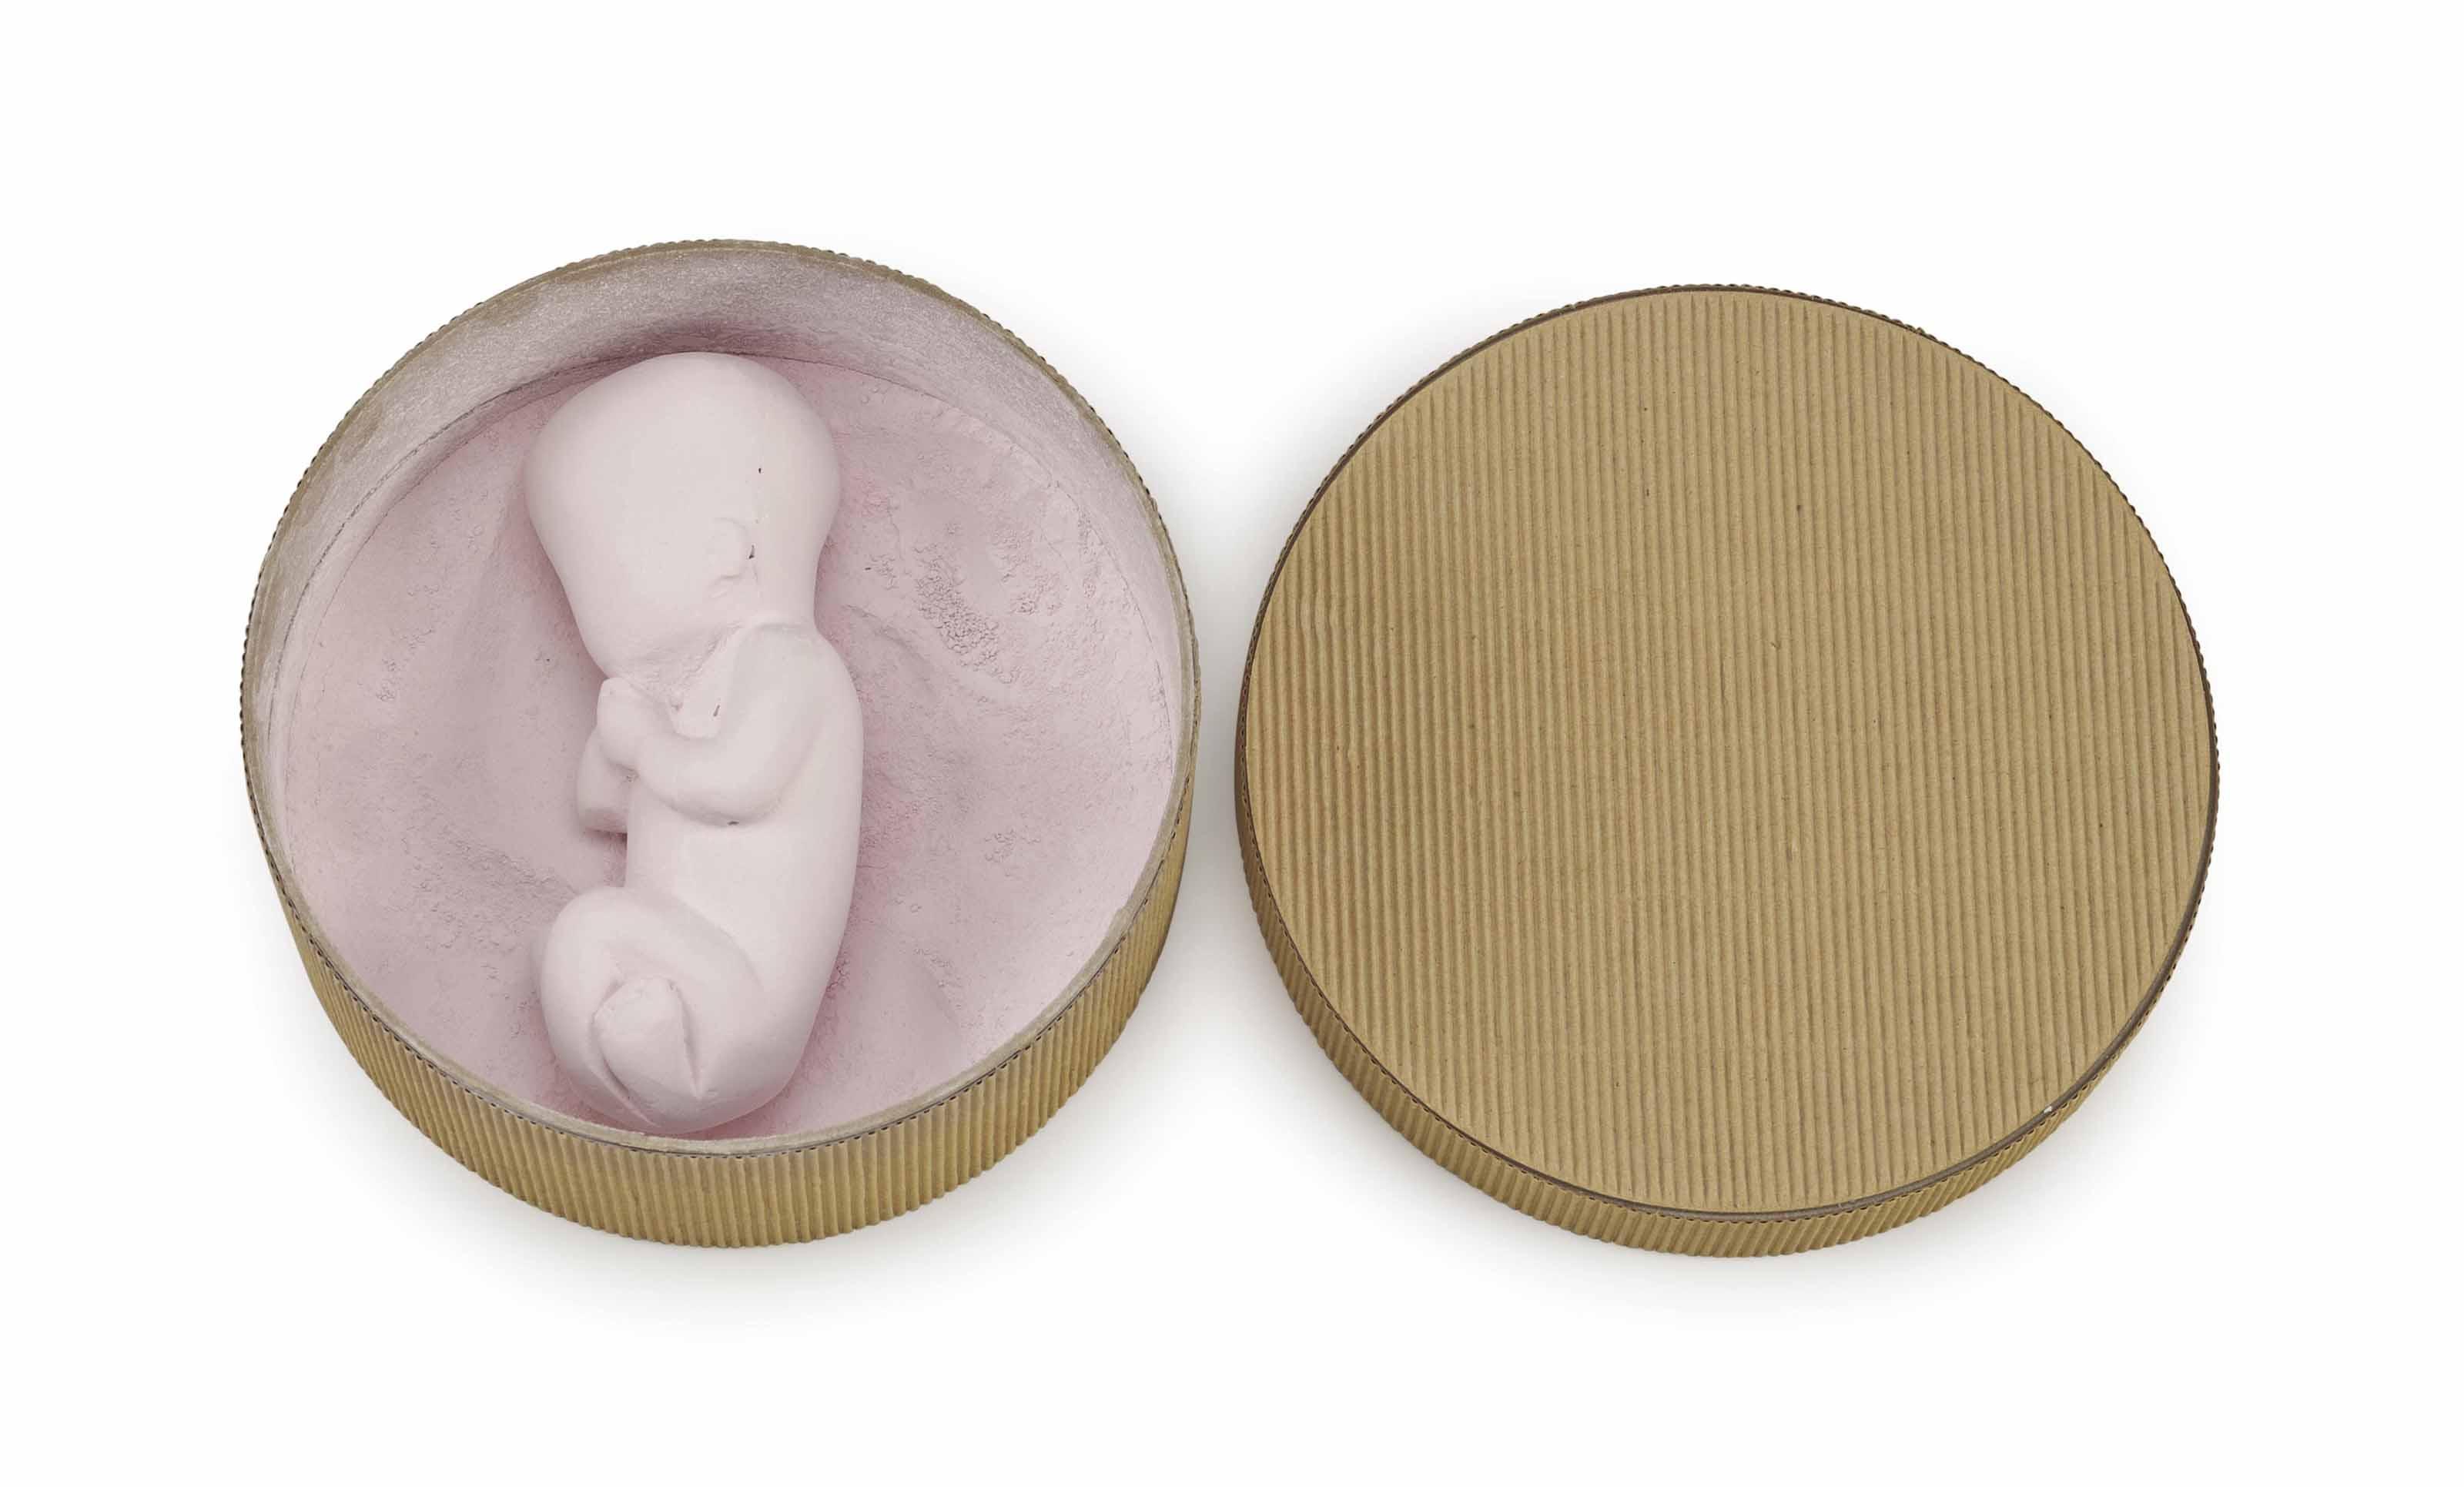 Pink Fetus